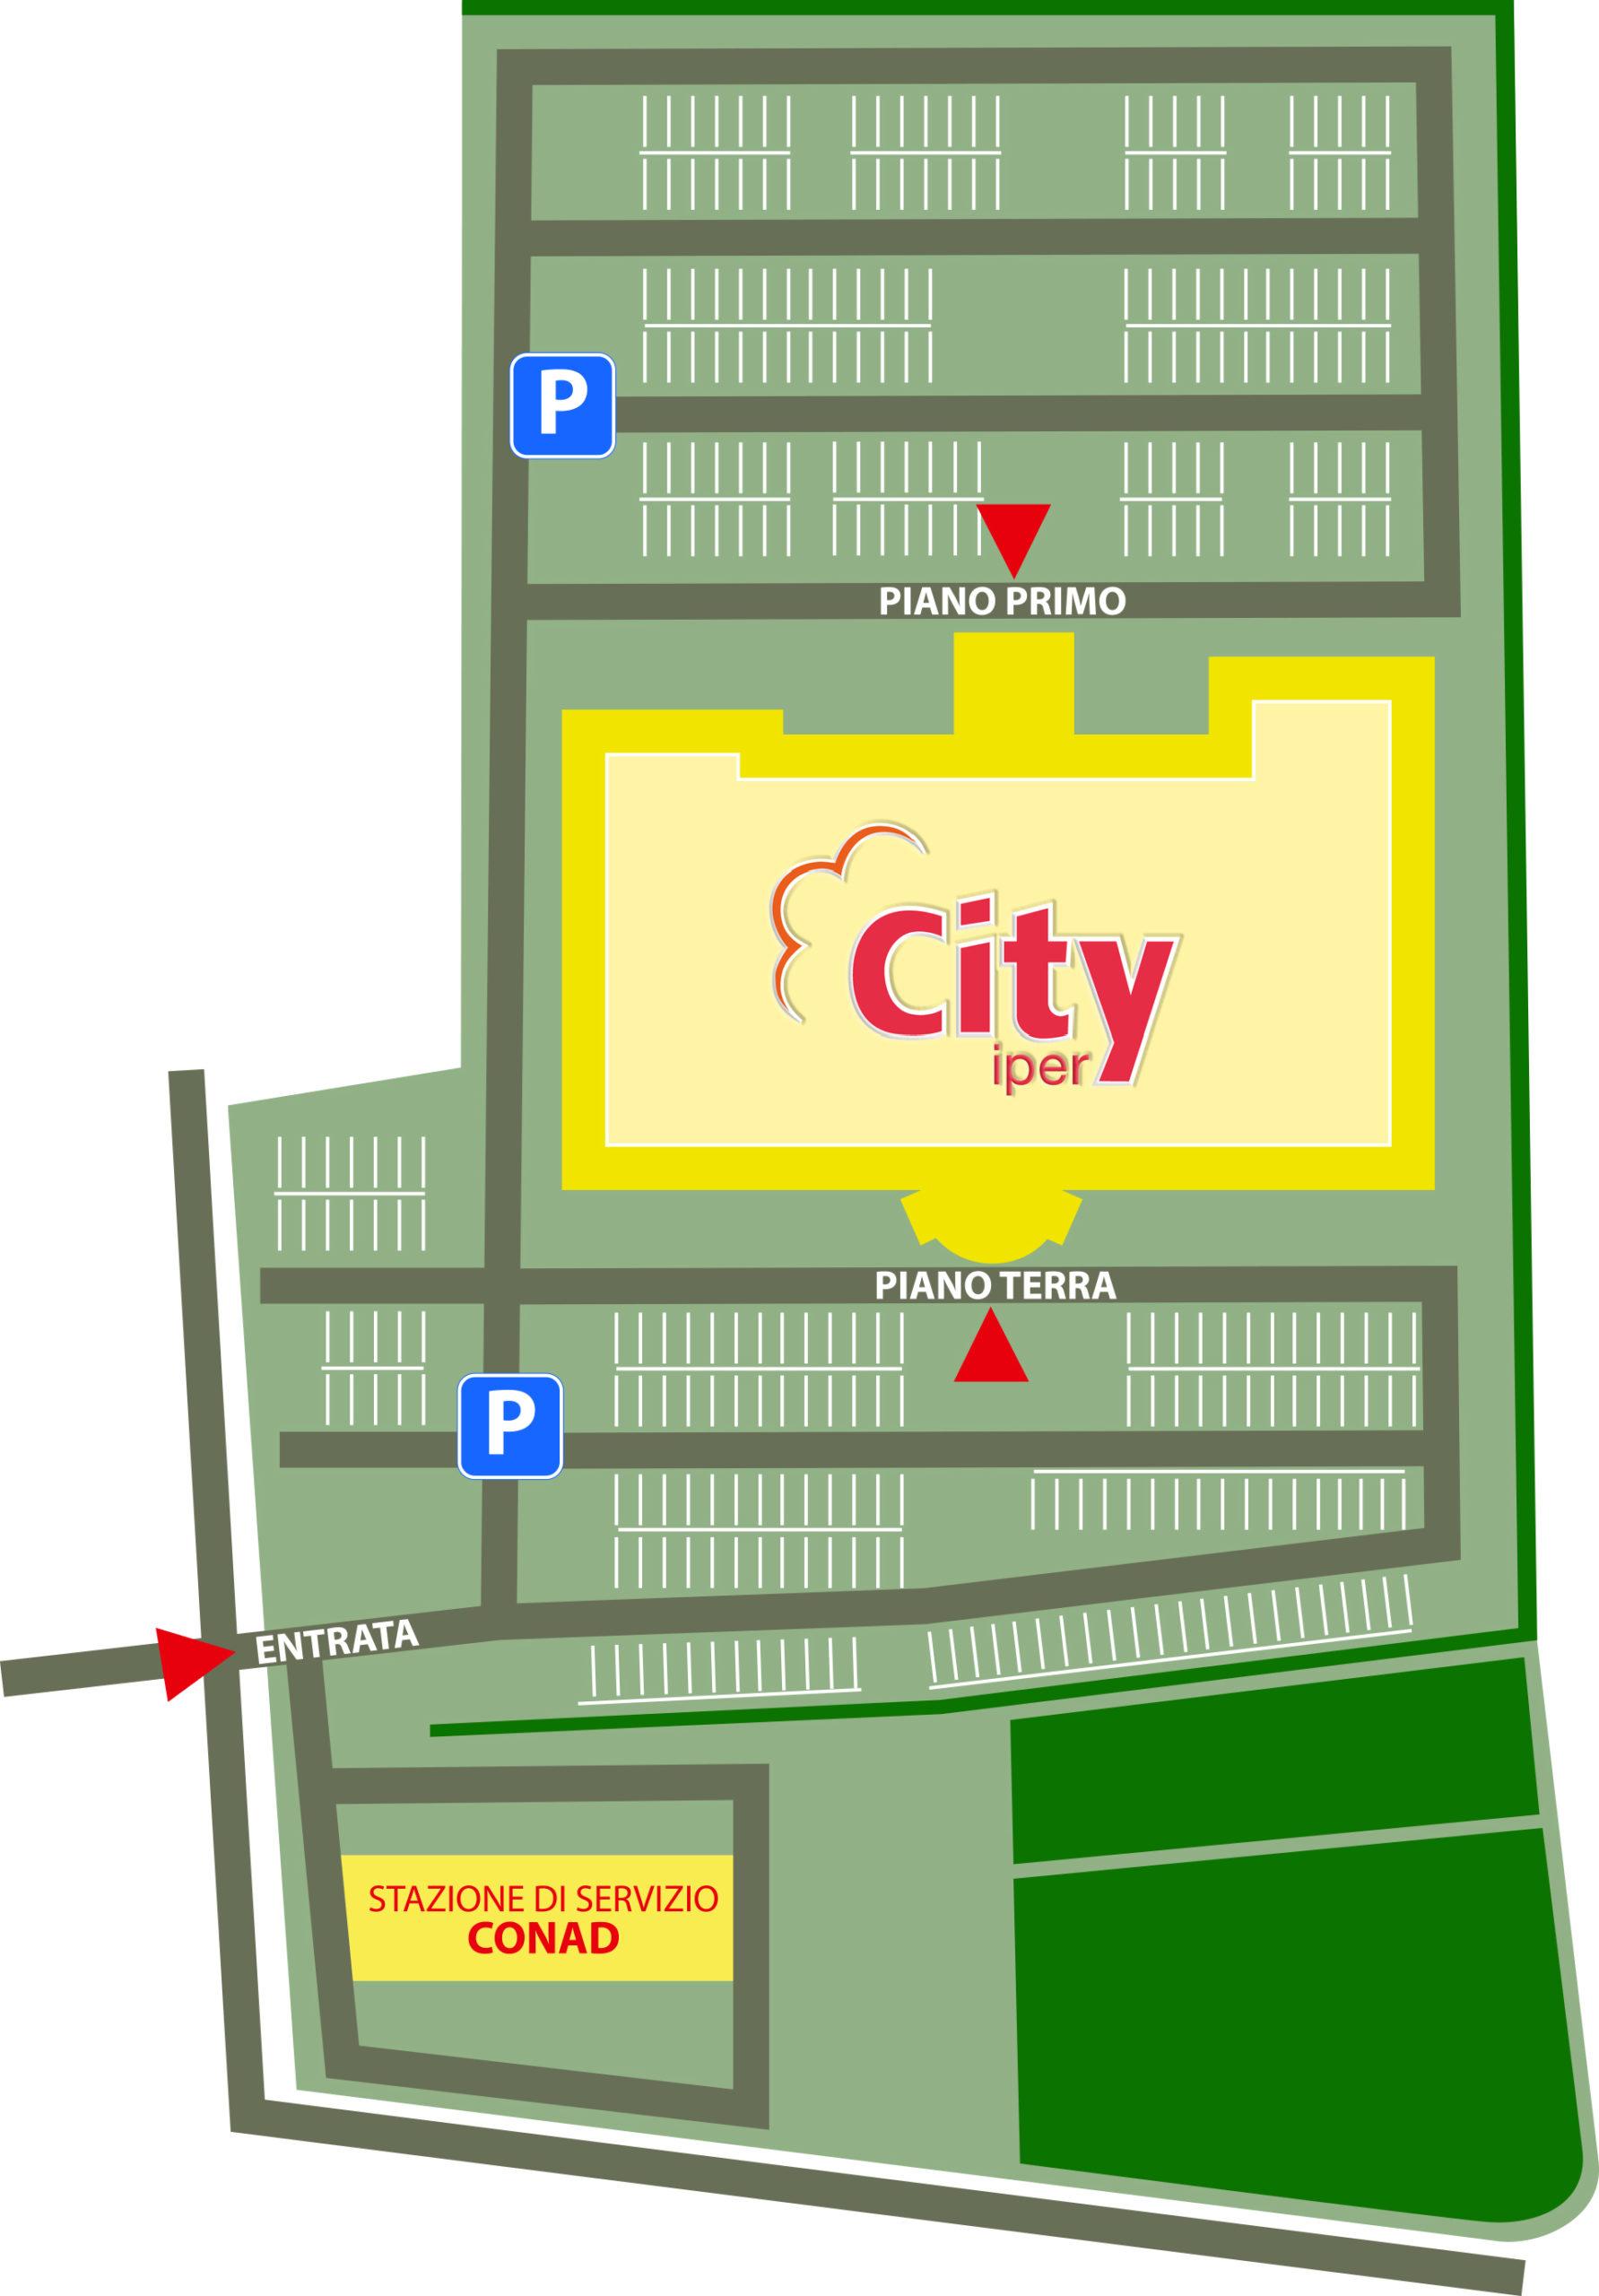 Servizi City iper